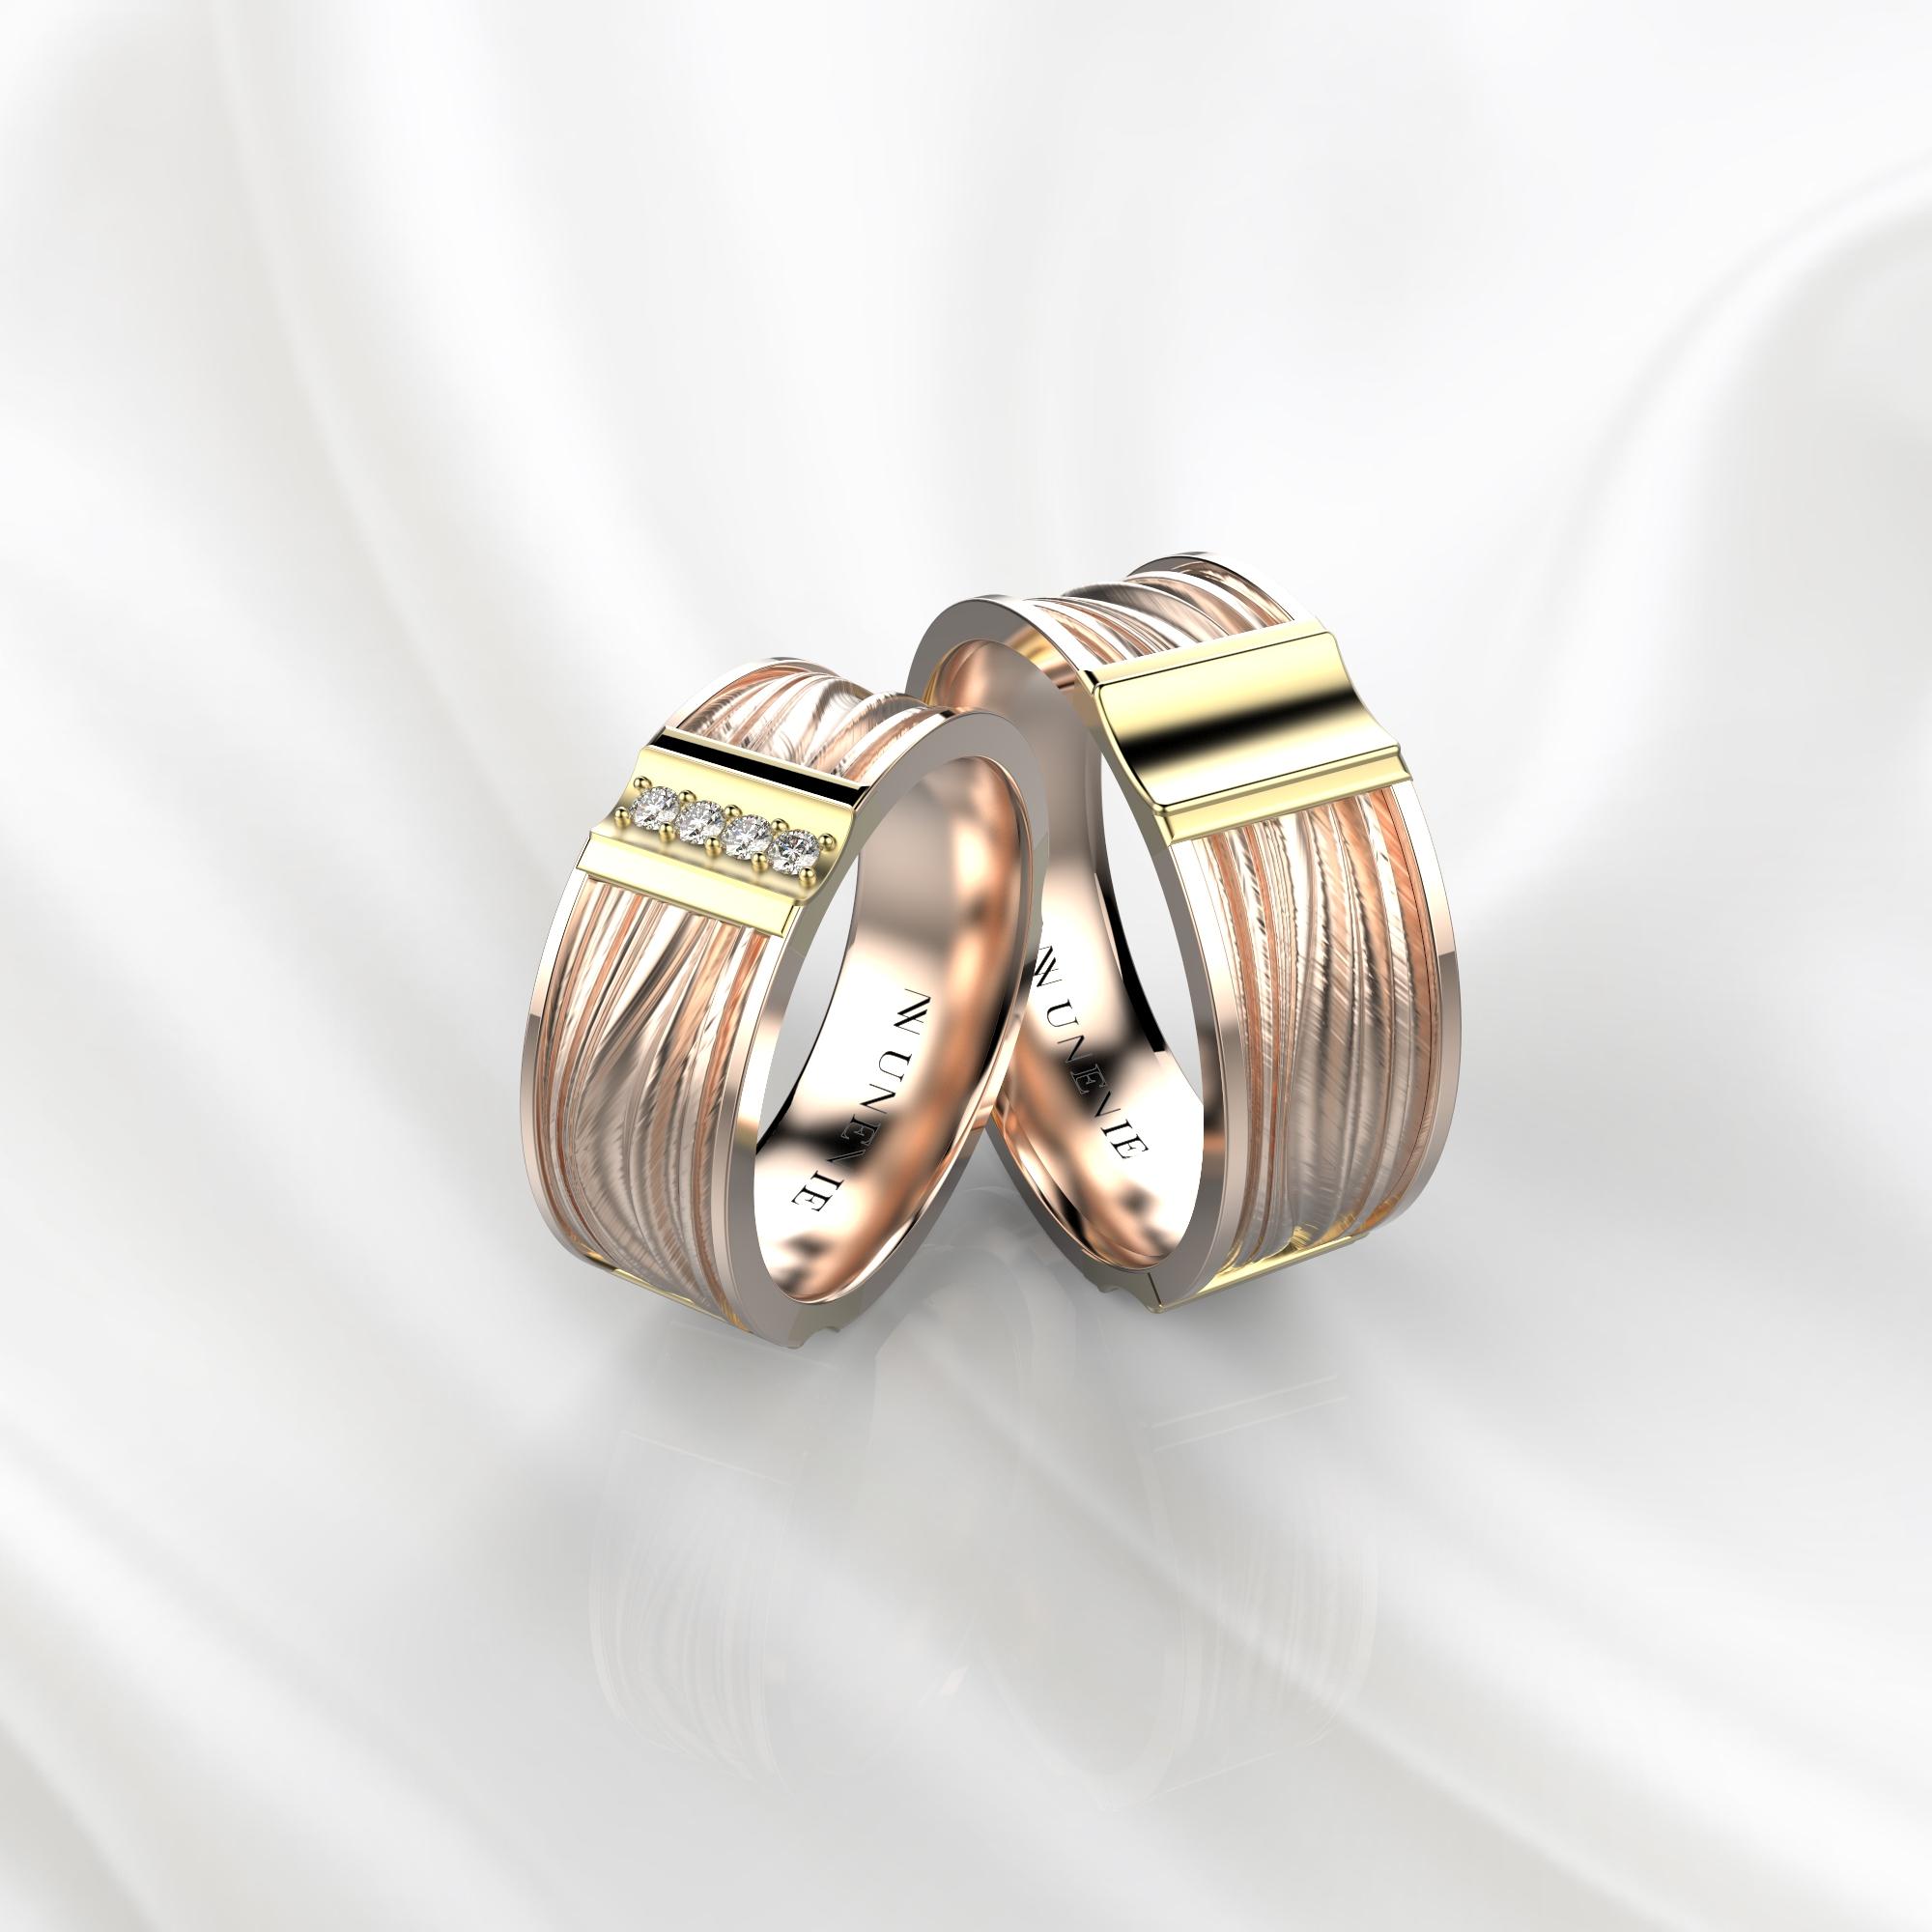 NV58 Парные обручальные кольца из розово-желтого золота с бриллиантами